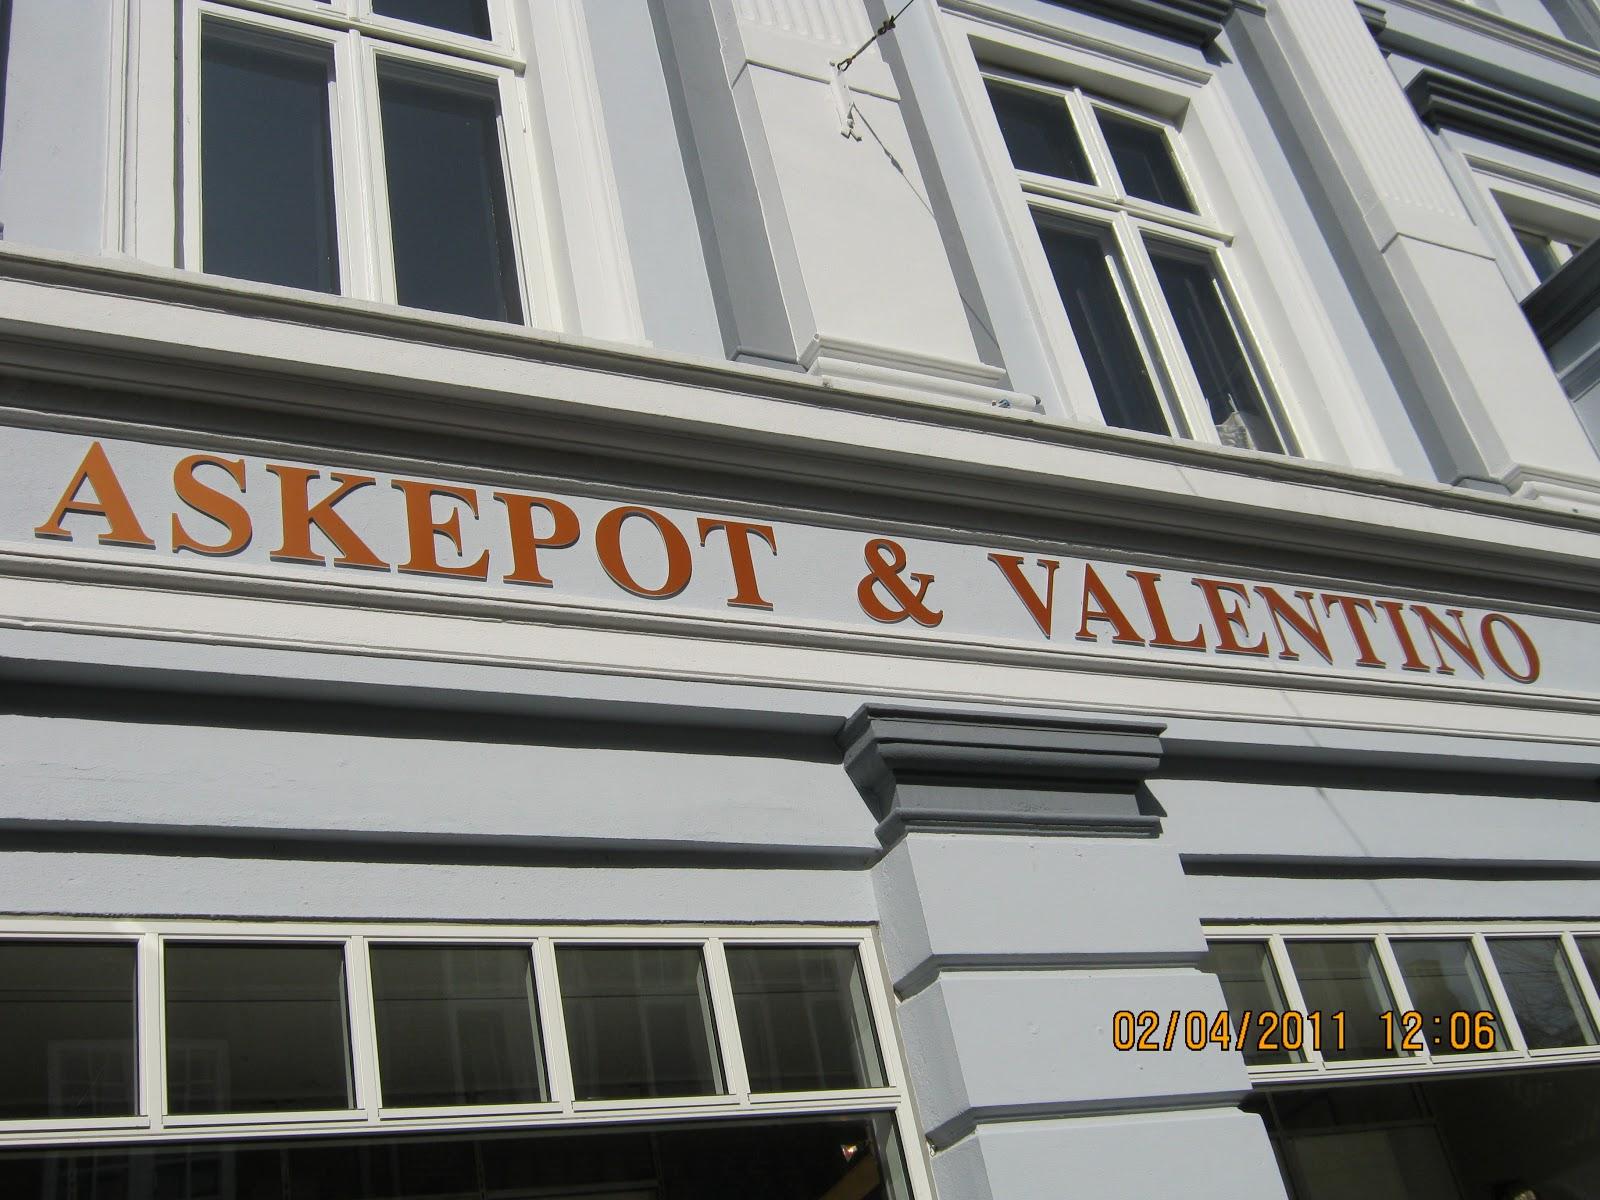 askepot og valentino